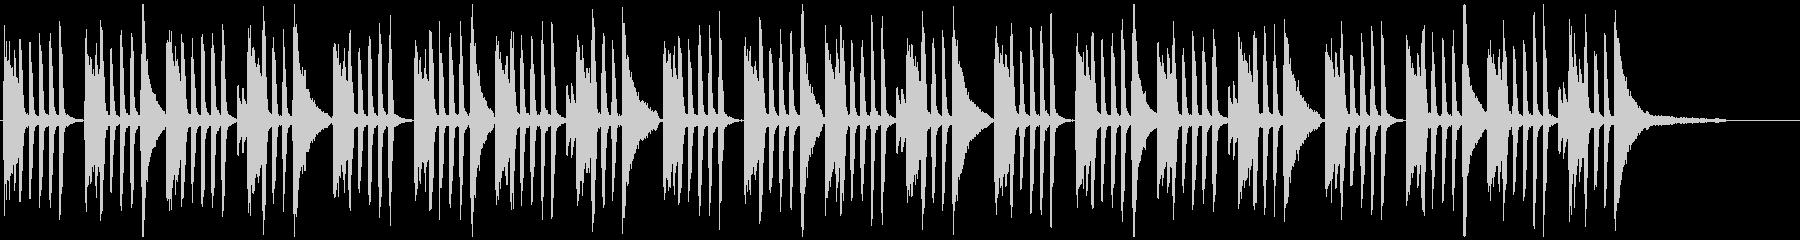 オシャレでかっこいい旋律を繰り返すピアノの未再生の波形